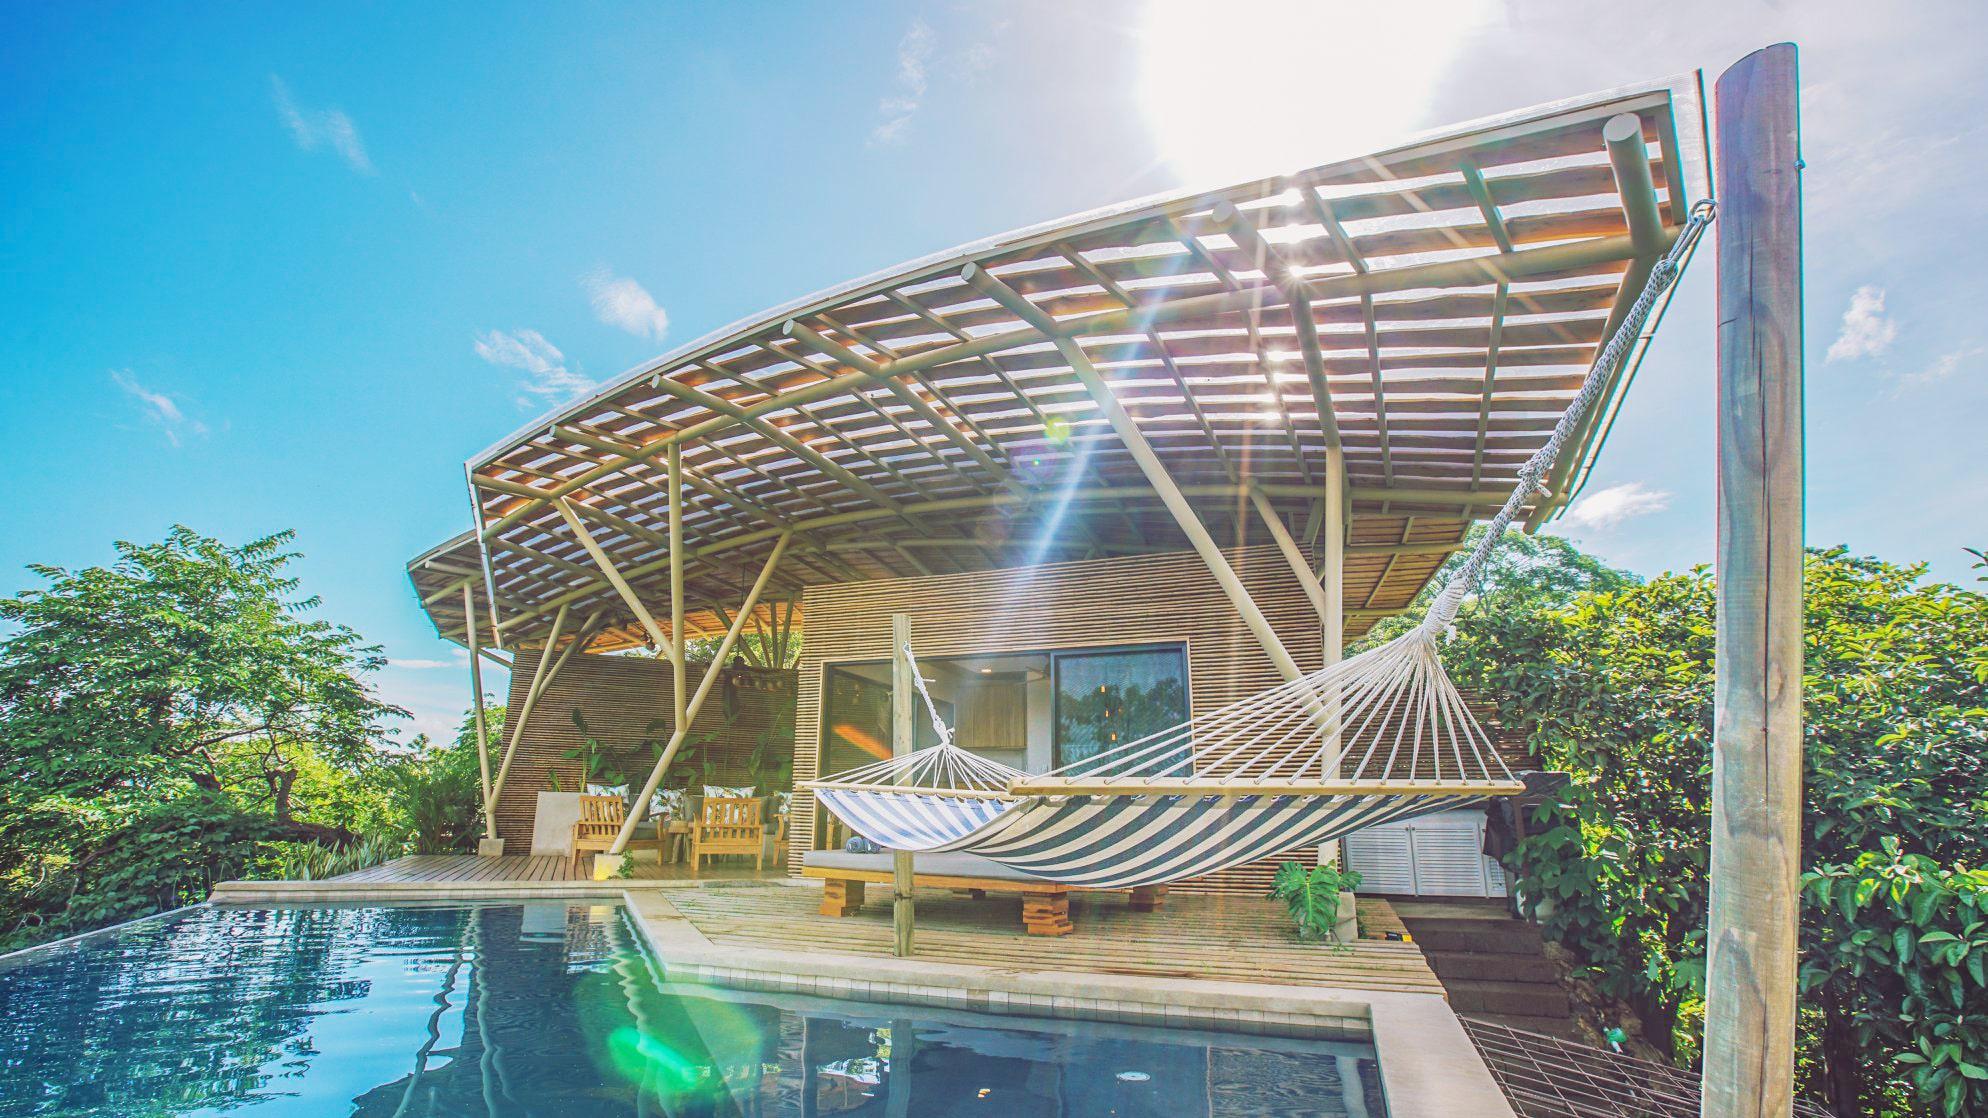 Architecture Studio in Costa Rica